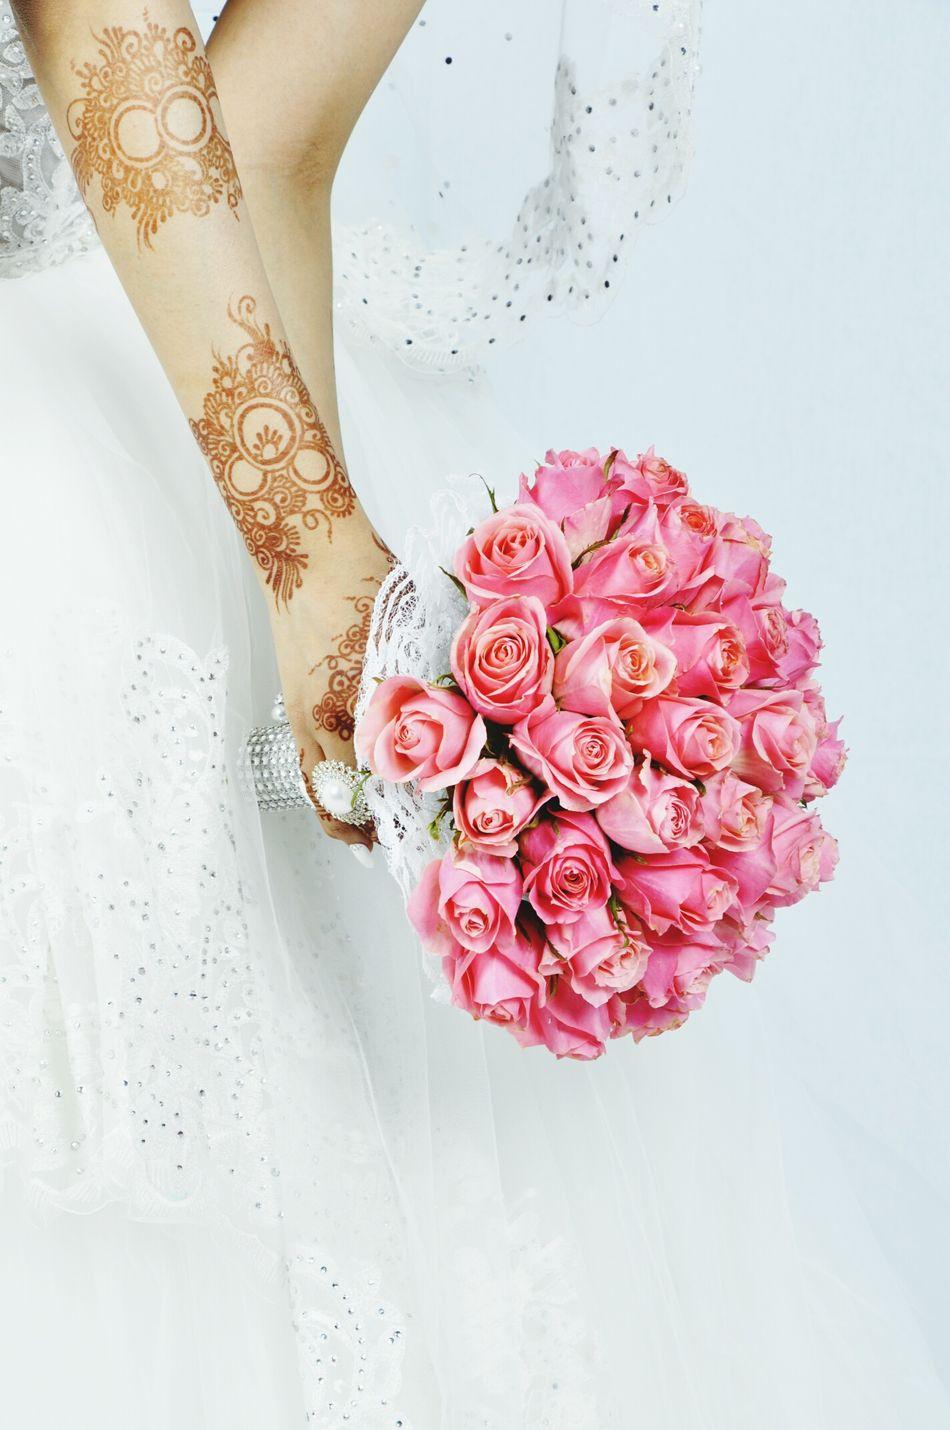 Flower Wedding Bride Bride Bouquet Wedding Dress Pink Color Culture Arabian Wedding Henna Tattoo ❤ Saudi Arabia